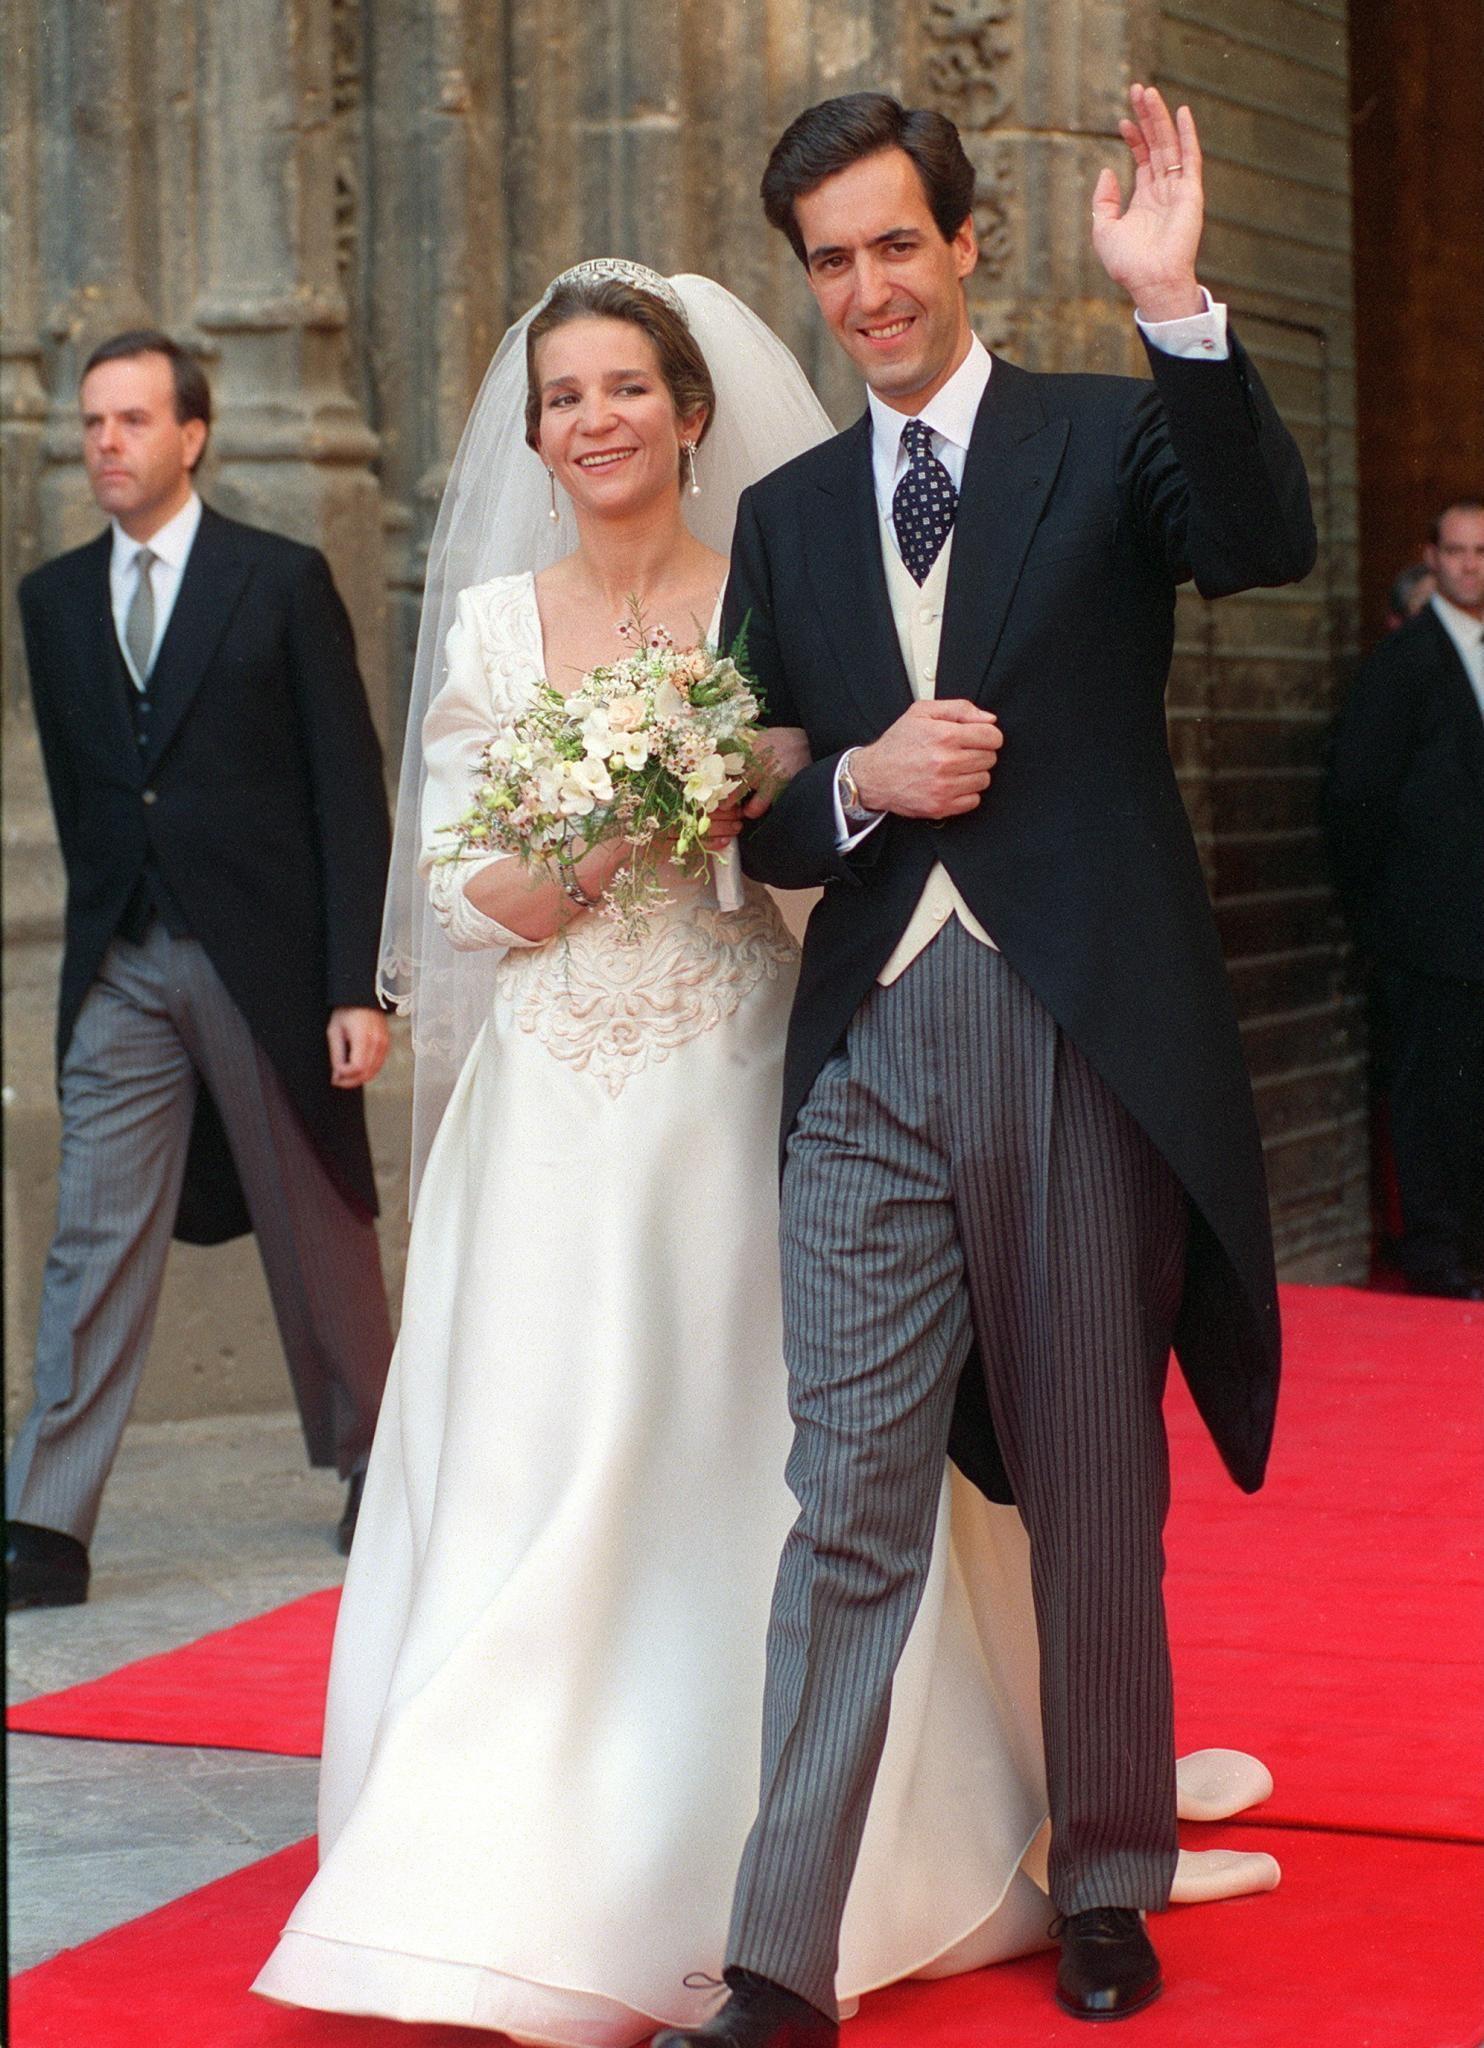 Royale Hochzeitskleider Braut Hochzeitskleid Royale Hochzeiten